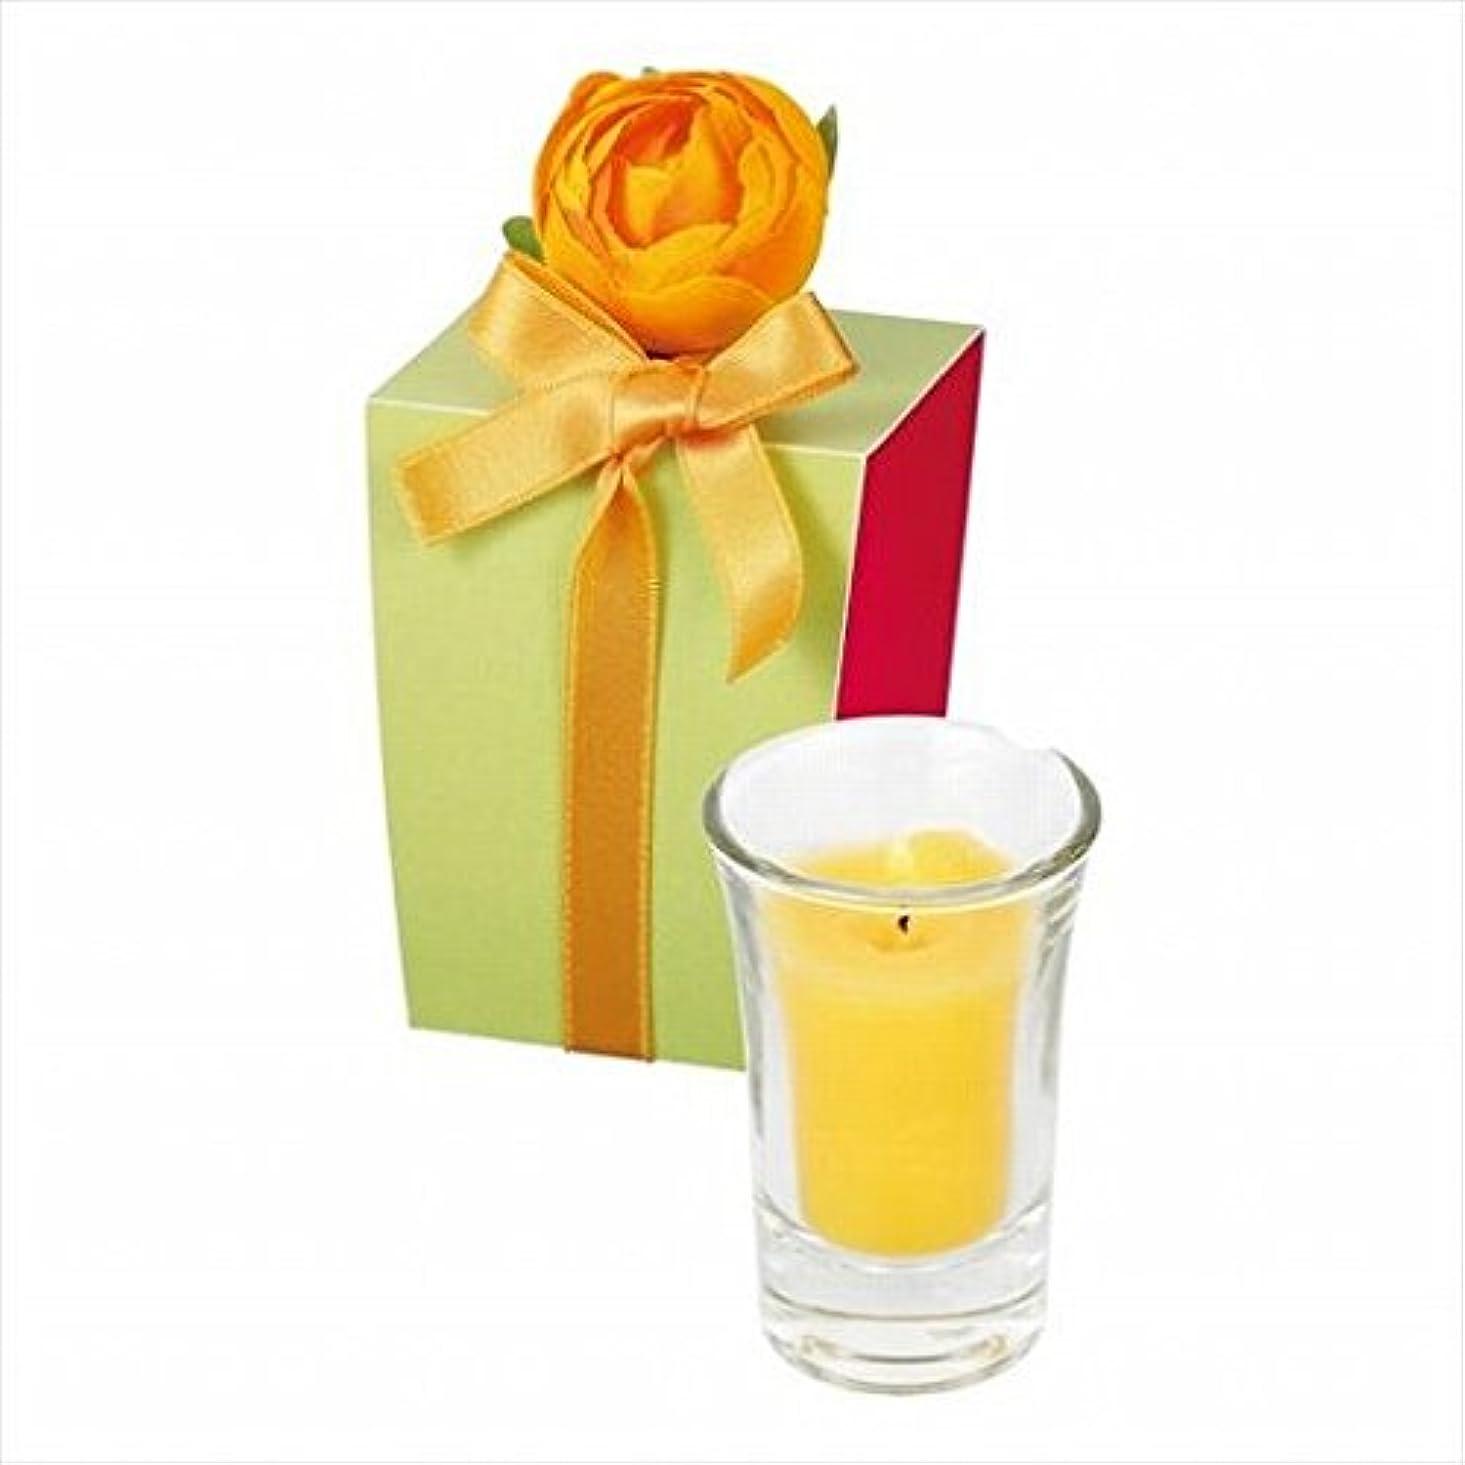 舌十年離れてkameyama candle(カメヤマキャンドル) ラナンキュラスグラスキャンドル 「 イエロー 」(A9390500Y)